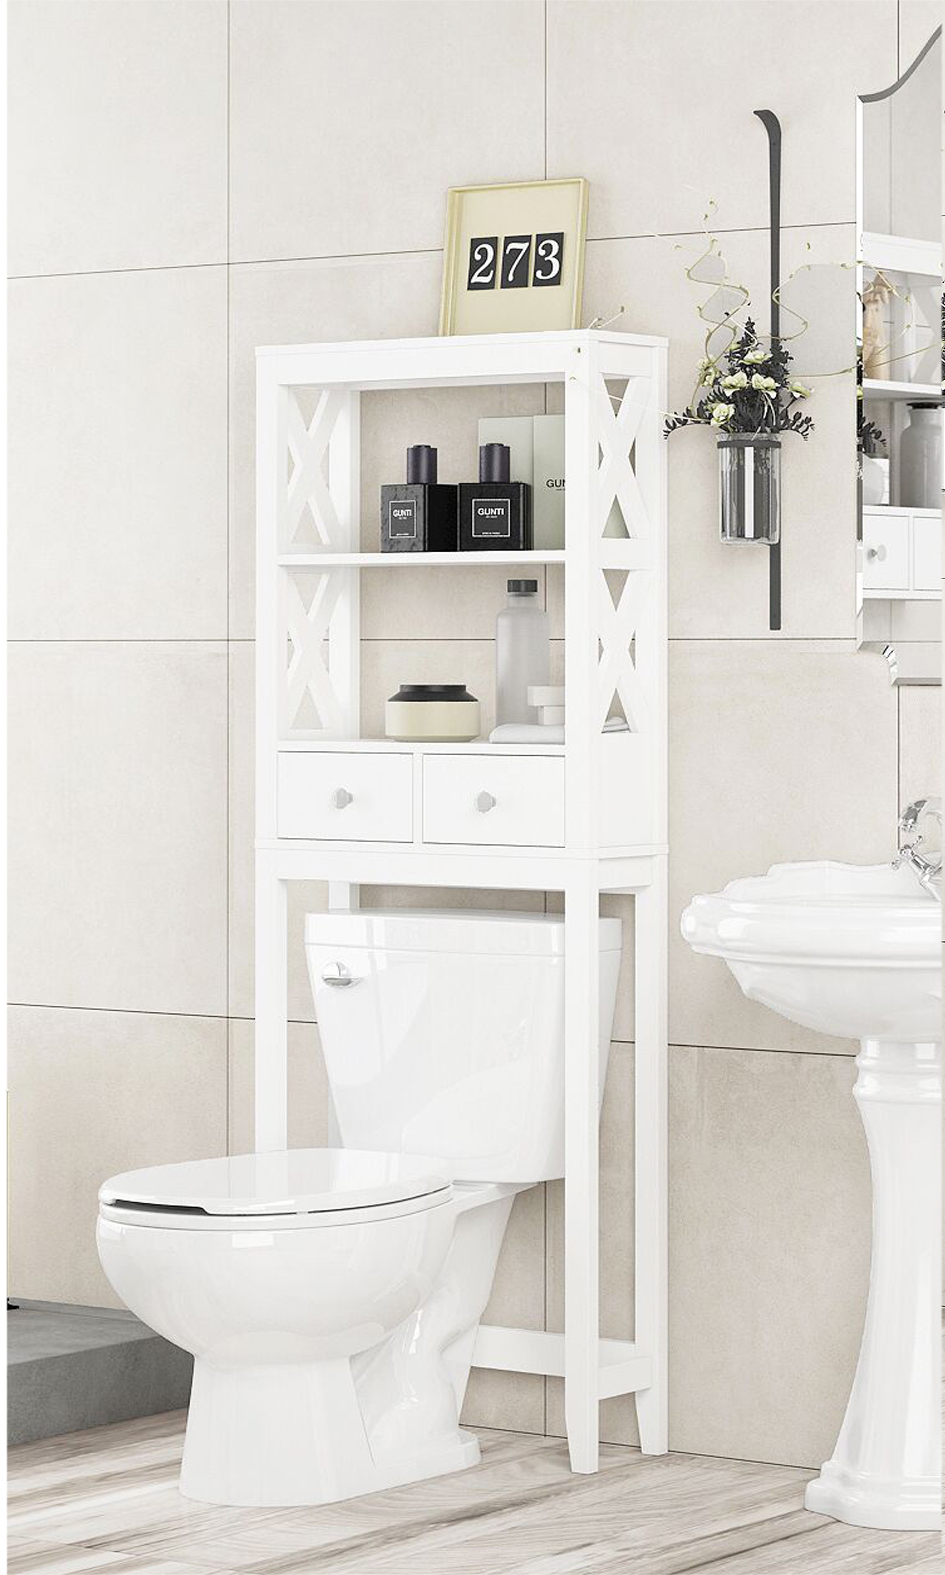 Walmart Bathroom Shelf Over Toilet